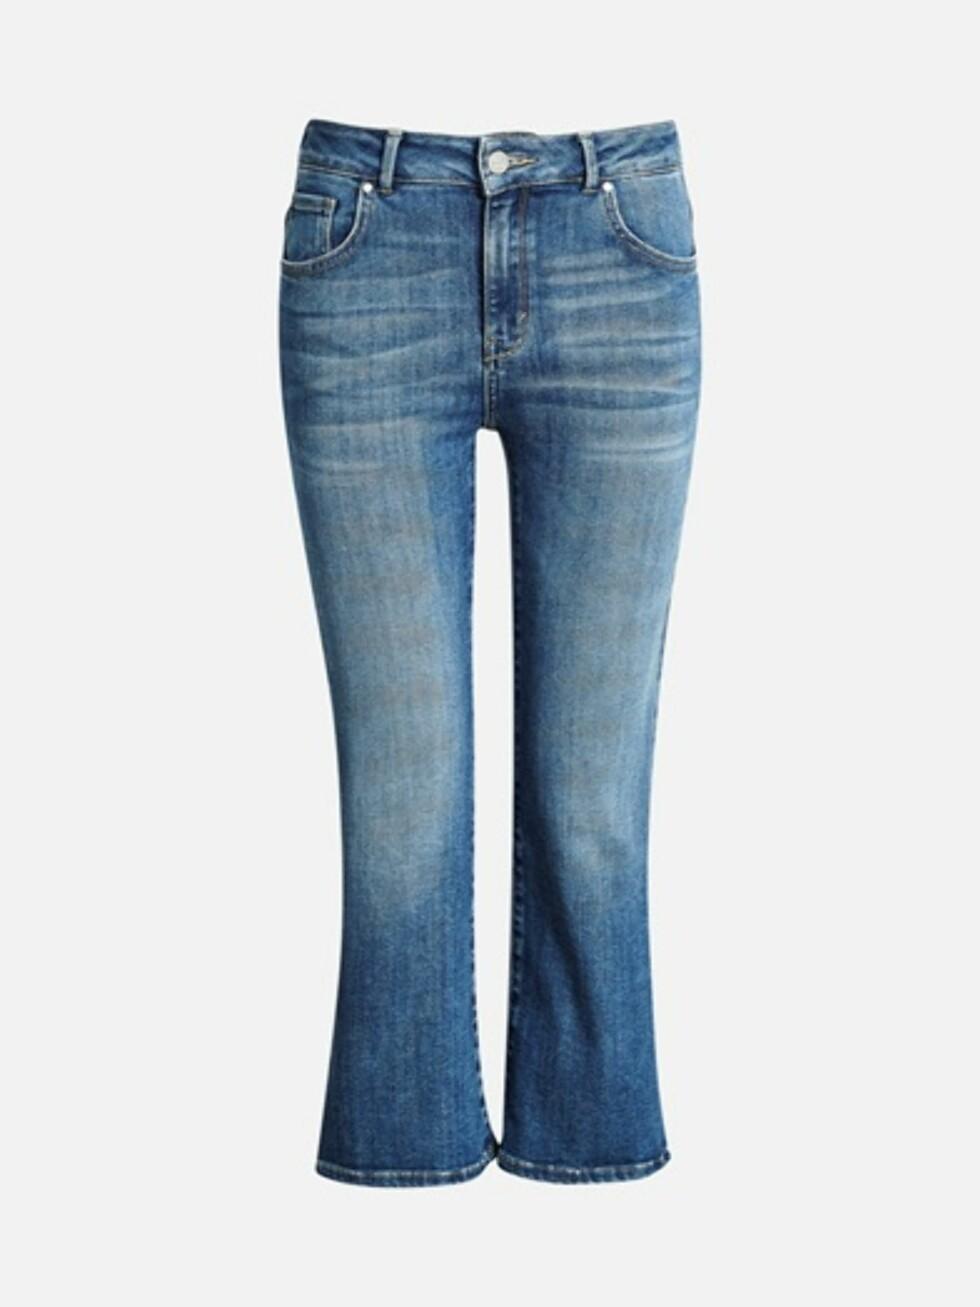 Jeans fra Bik Bok | kr 599 | Foto: Produsenten